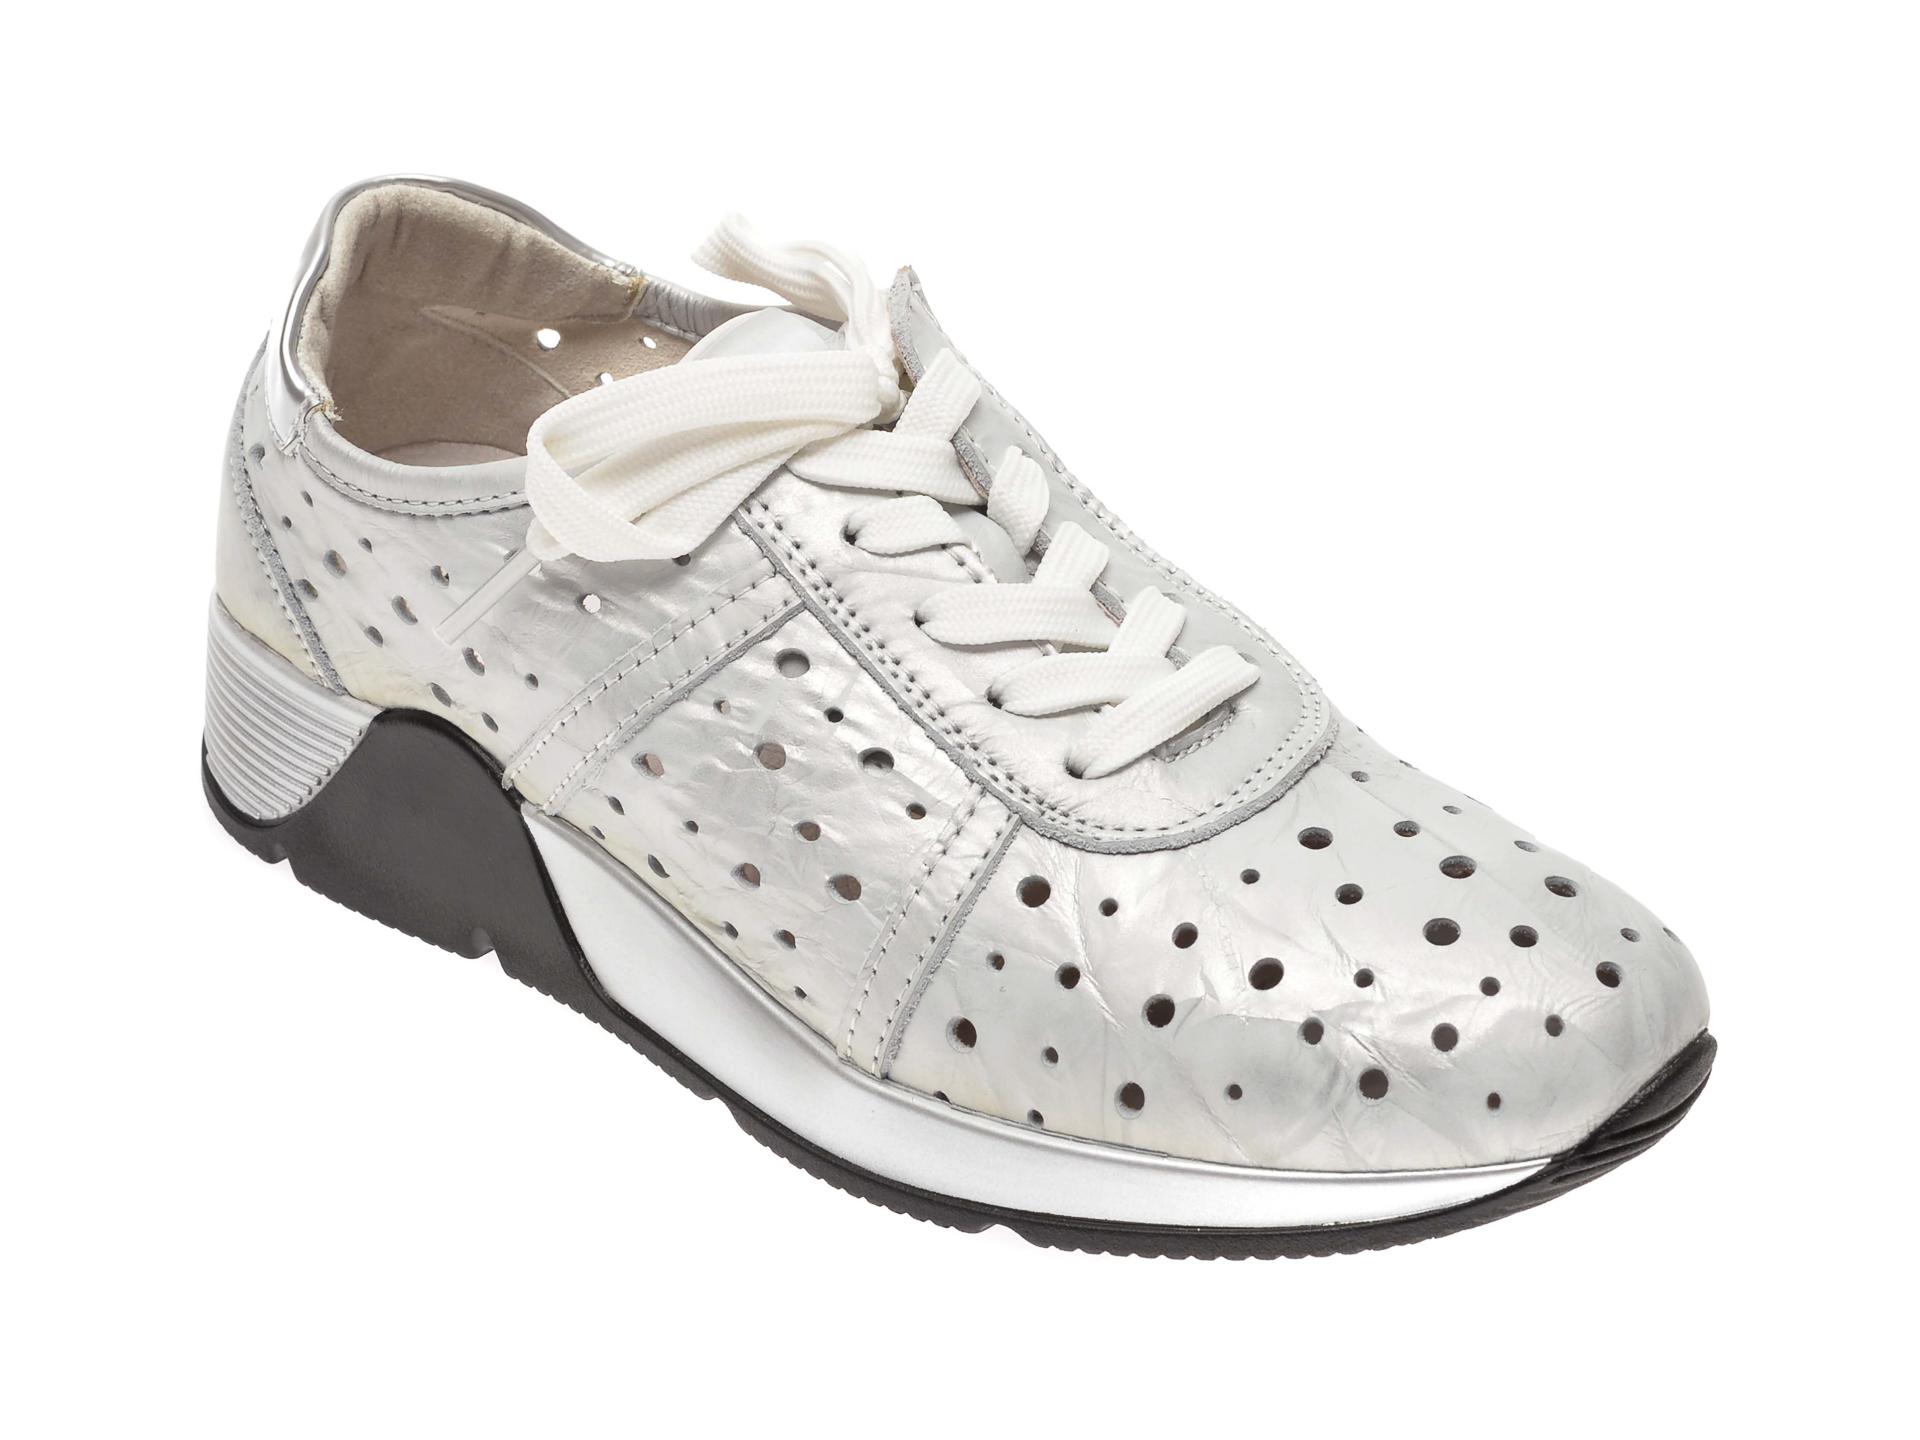 Pantofi IMAGE argintii, 8595395, din piele naturala imagine